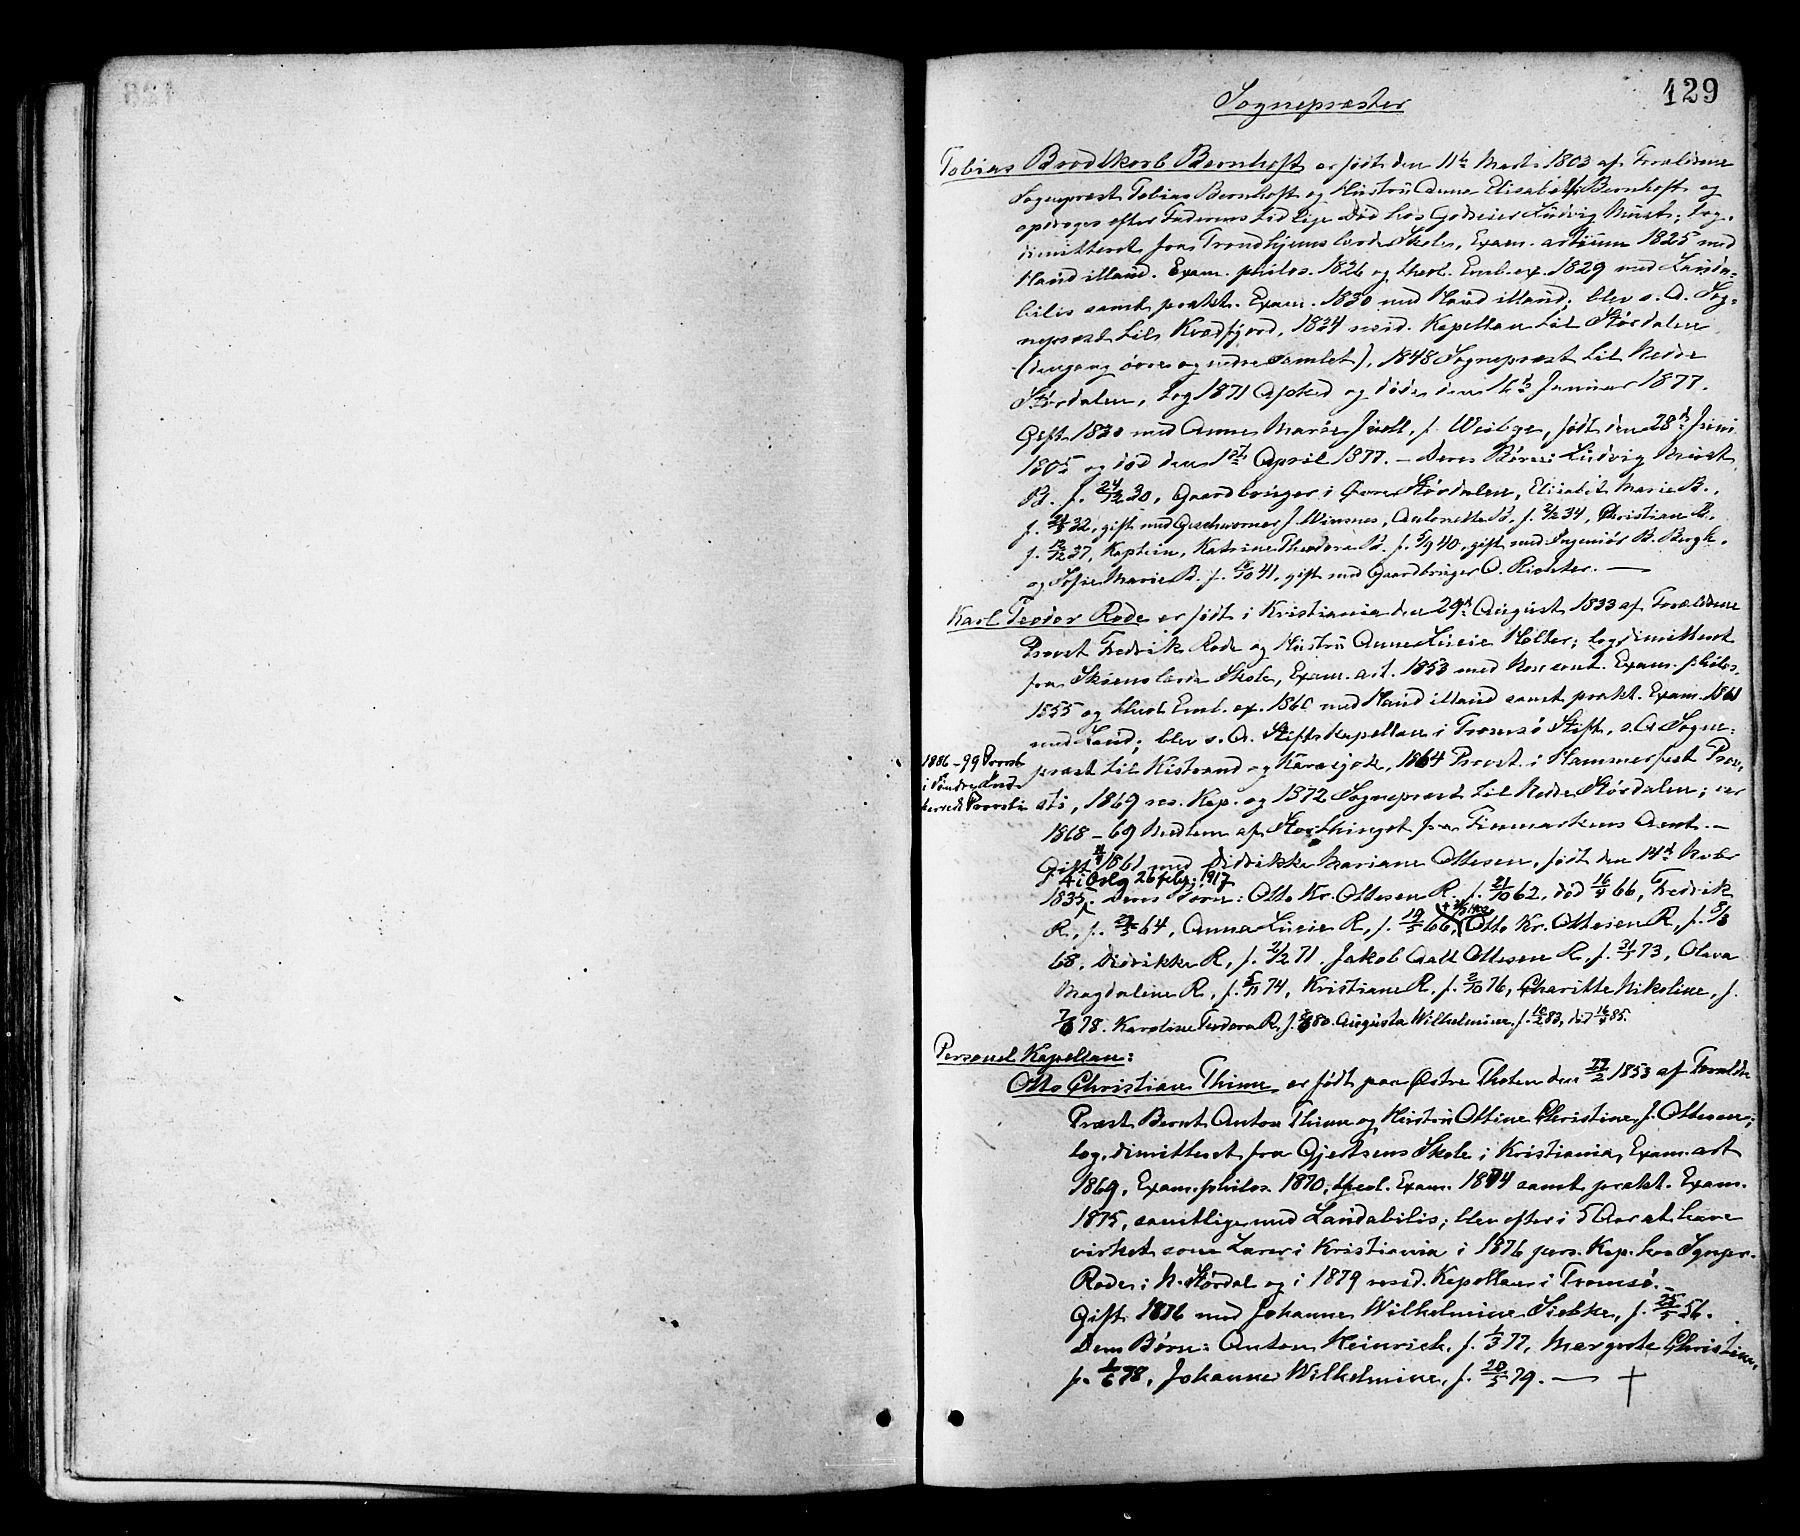 SAT, Ministerialprotokoller, klokkerbøker og fødselsregistre - Nord-Trøndelag, 709/L0076: Ministerialbok nr. 709A16, 1871-1879, s. 429